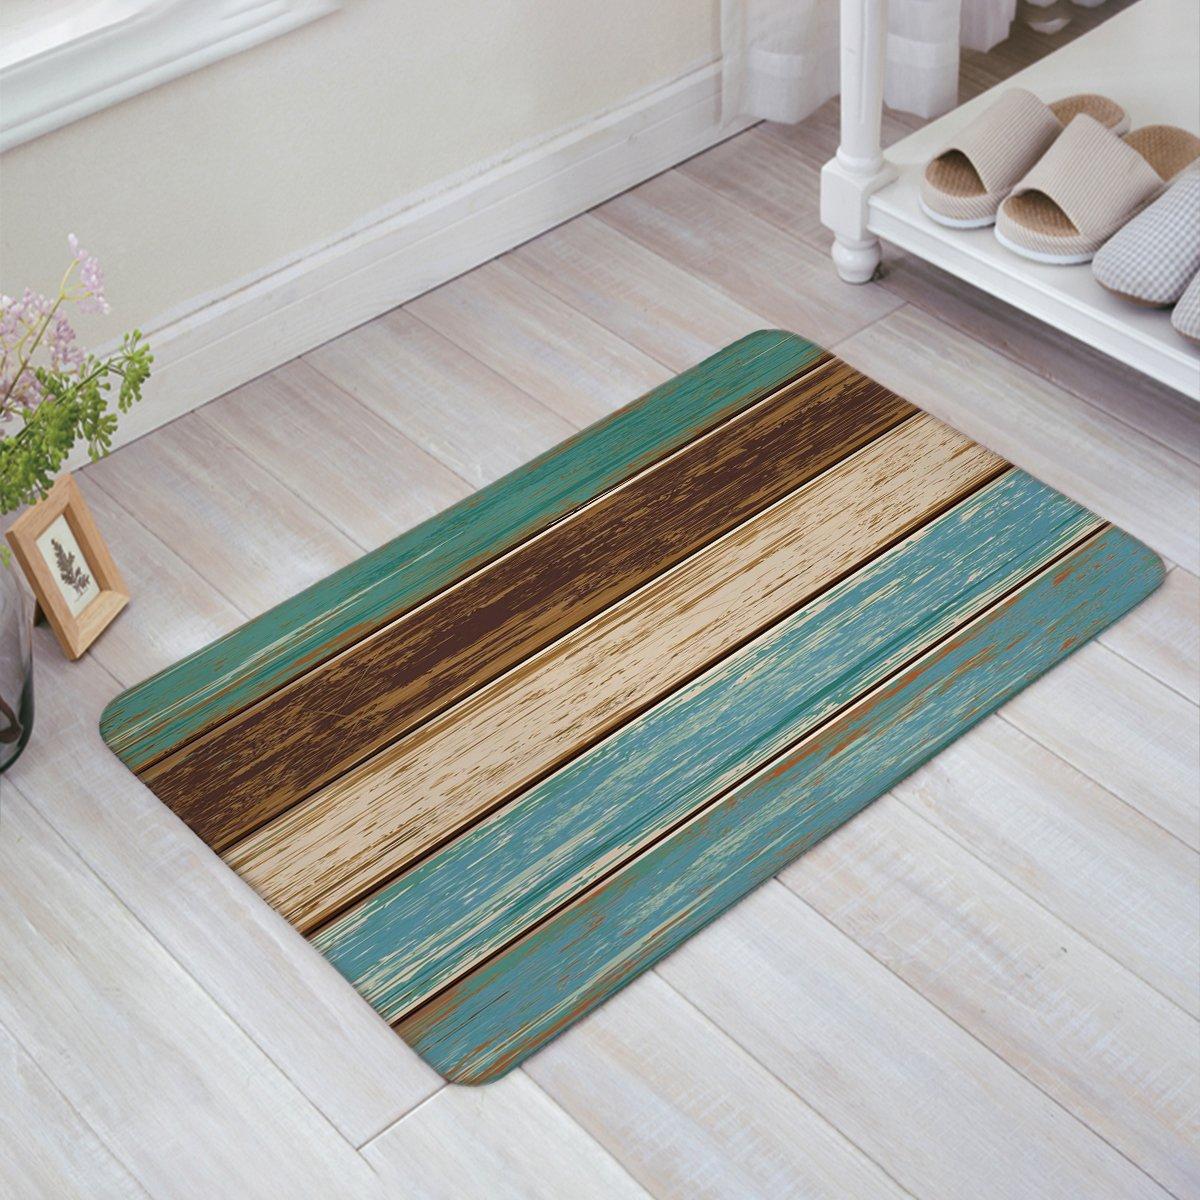 Infinidesign Welcome Doormat Kitchen Floor Bath Entrance Mat Rug Indoor/Front Door Thin Mats Rubber Non Slip 32''x20'' Rustic Old Barn Wood Retro